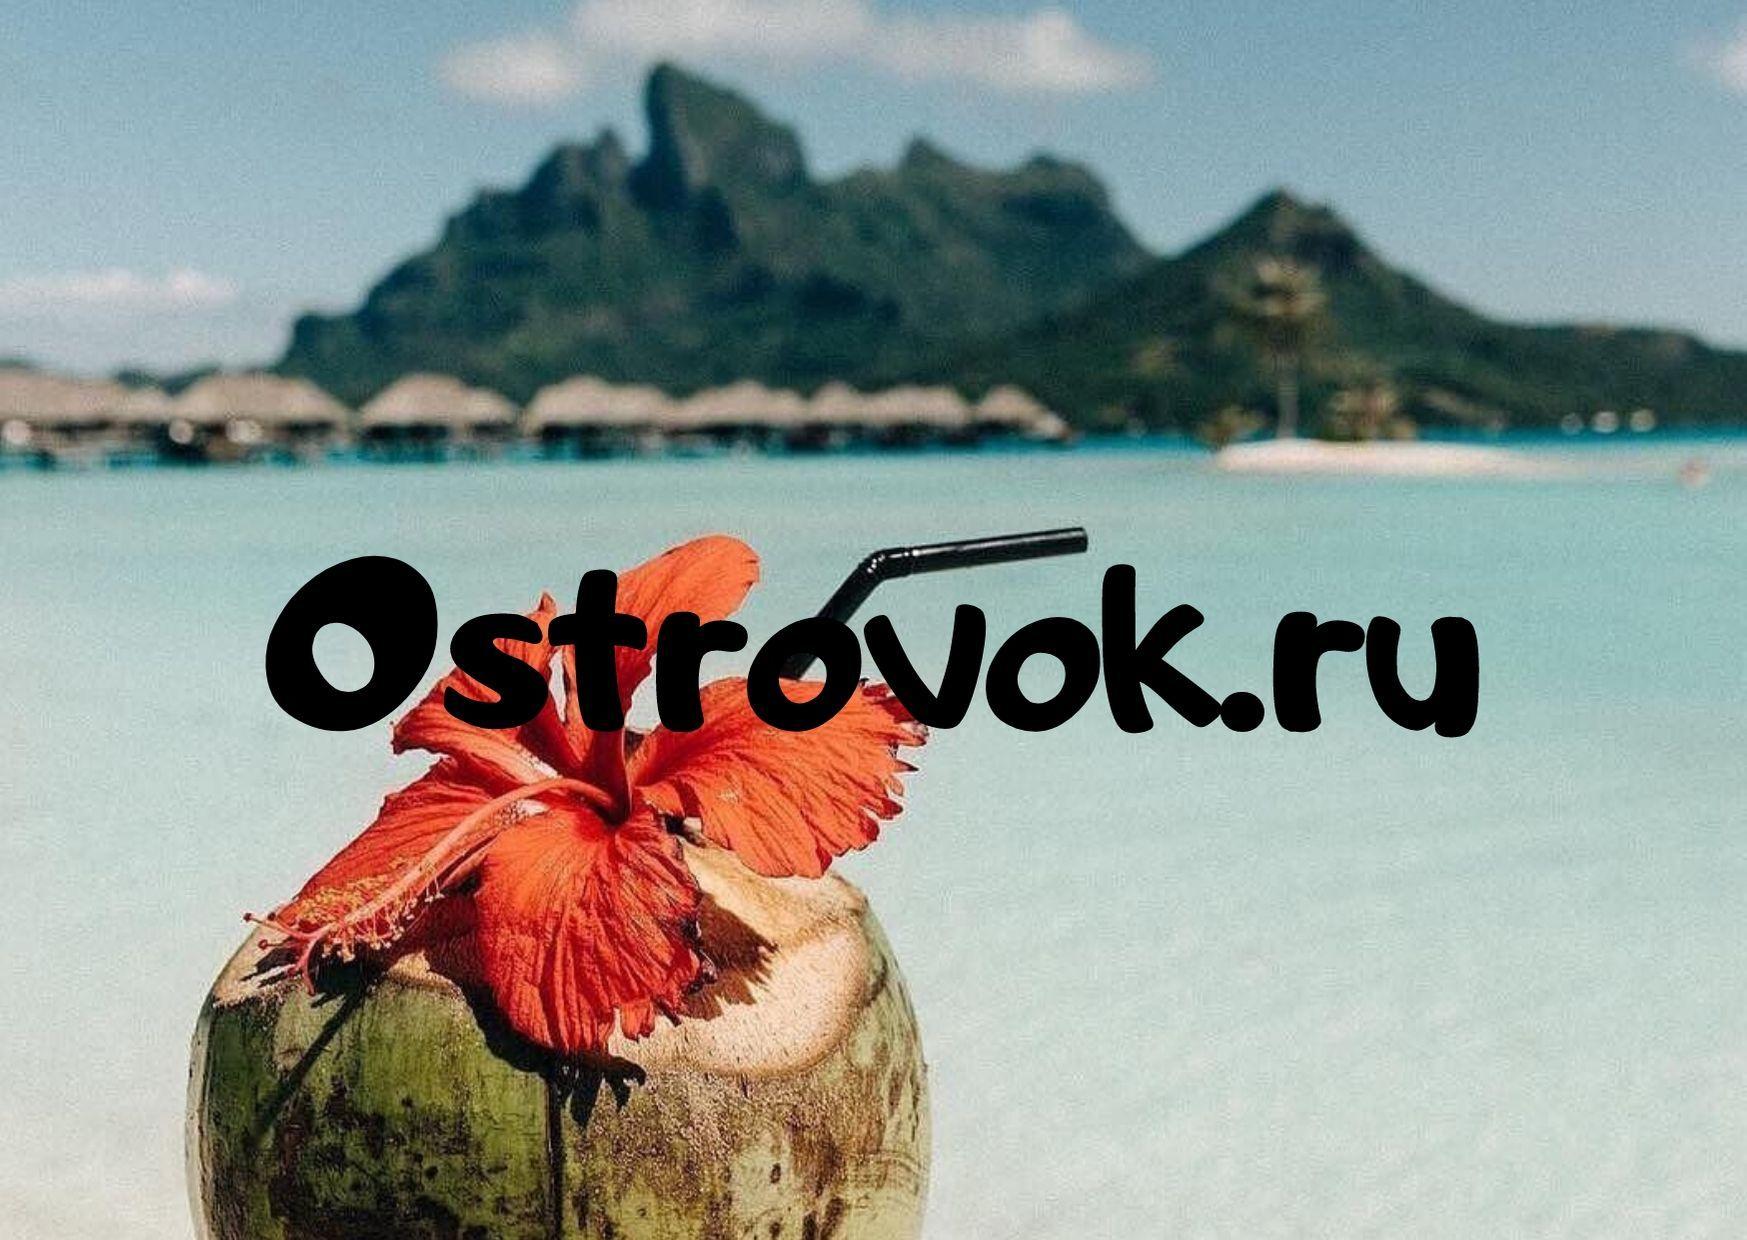 ostrovok.ru одна изсамых популярных в россии платформ для бронирования и аренды жилья для путешественников